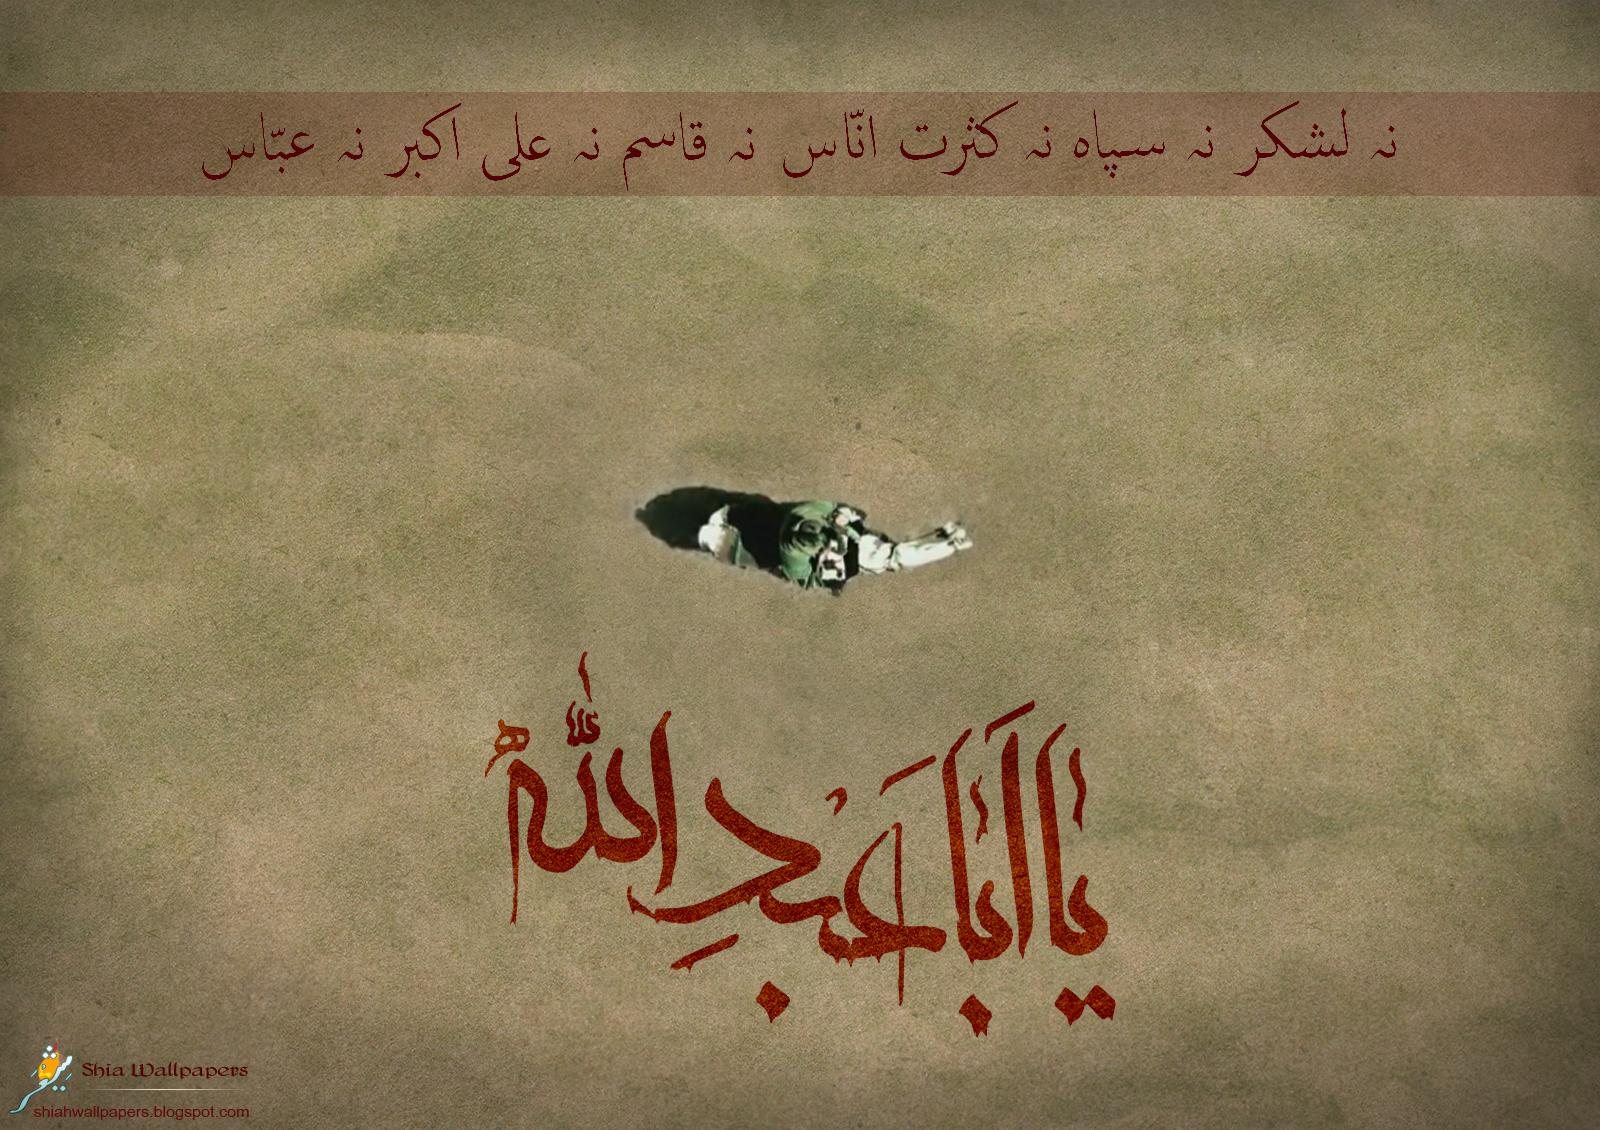 http://2.bp.blogspot.com/_f-aG7DSYngU/TS-6Jzn2HSI/AAAAAAAAACY/U8DmU_jU5aw/s1600/Ya+AbaAbdillah_No+Army_No+Soldiers.jpg